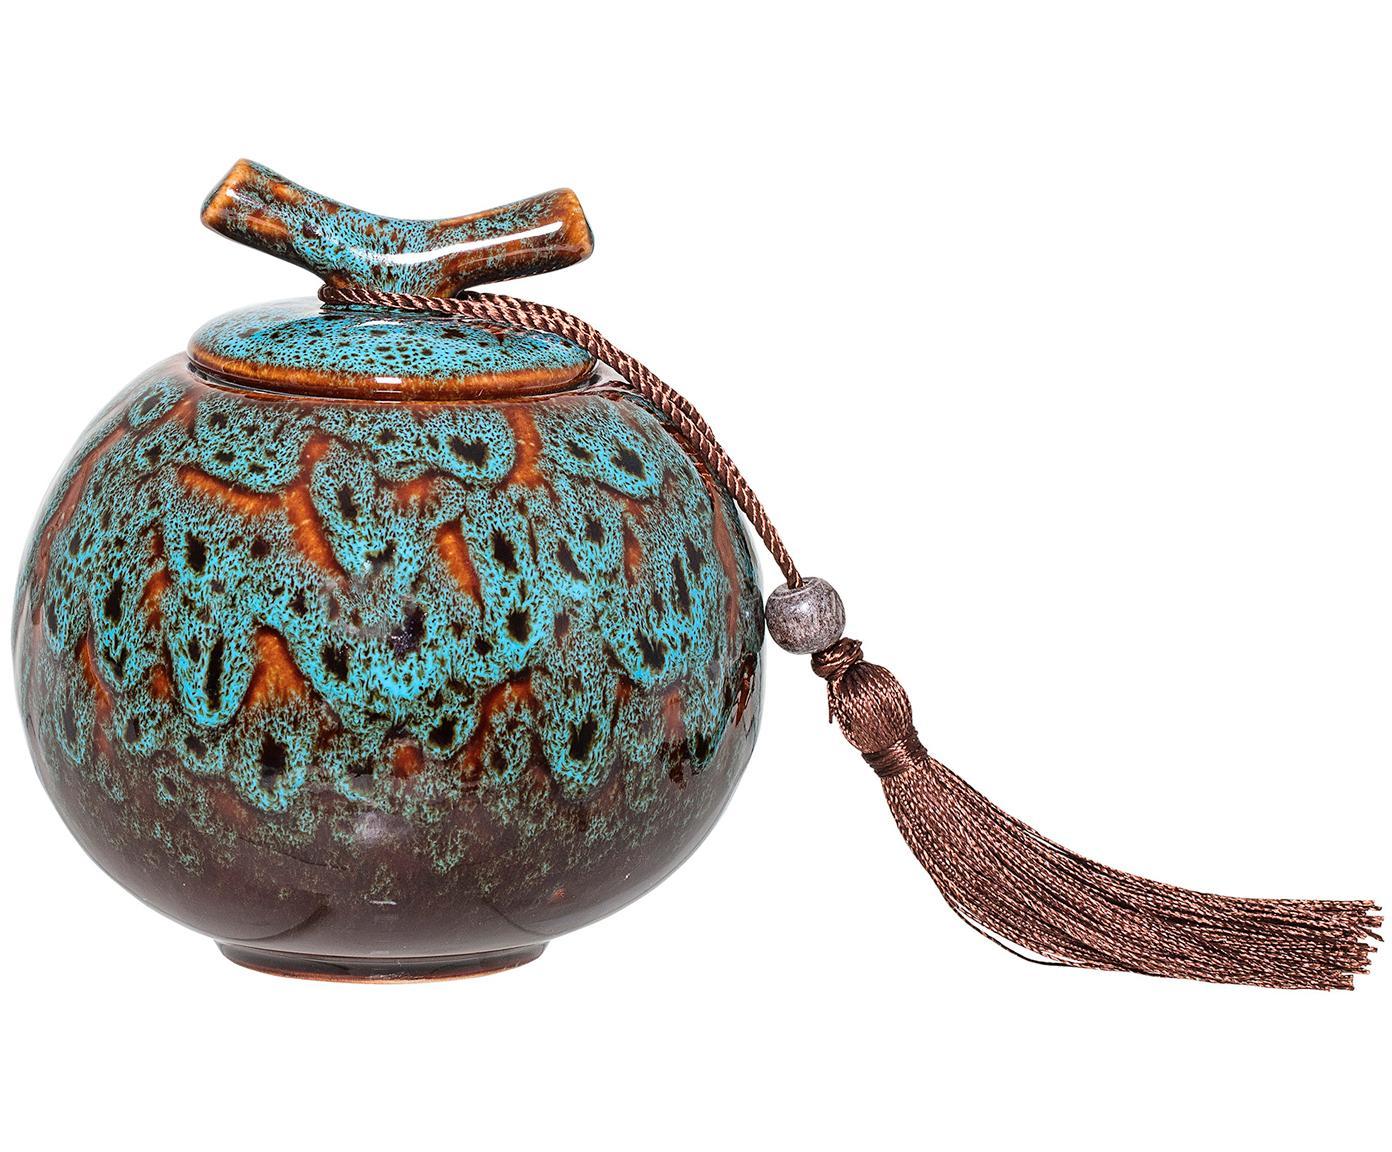 Opbergpot Ebba, Doos: keramiek, Turquoisetinten, bruintinten. Kwastje: roodbruin, Ø 11 x H 13 cm